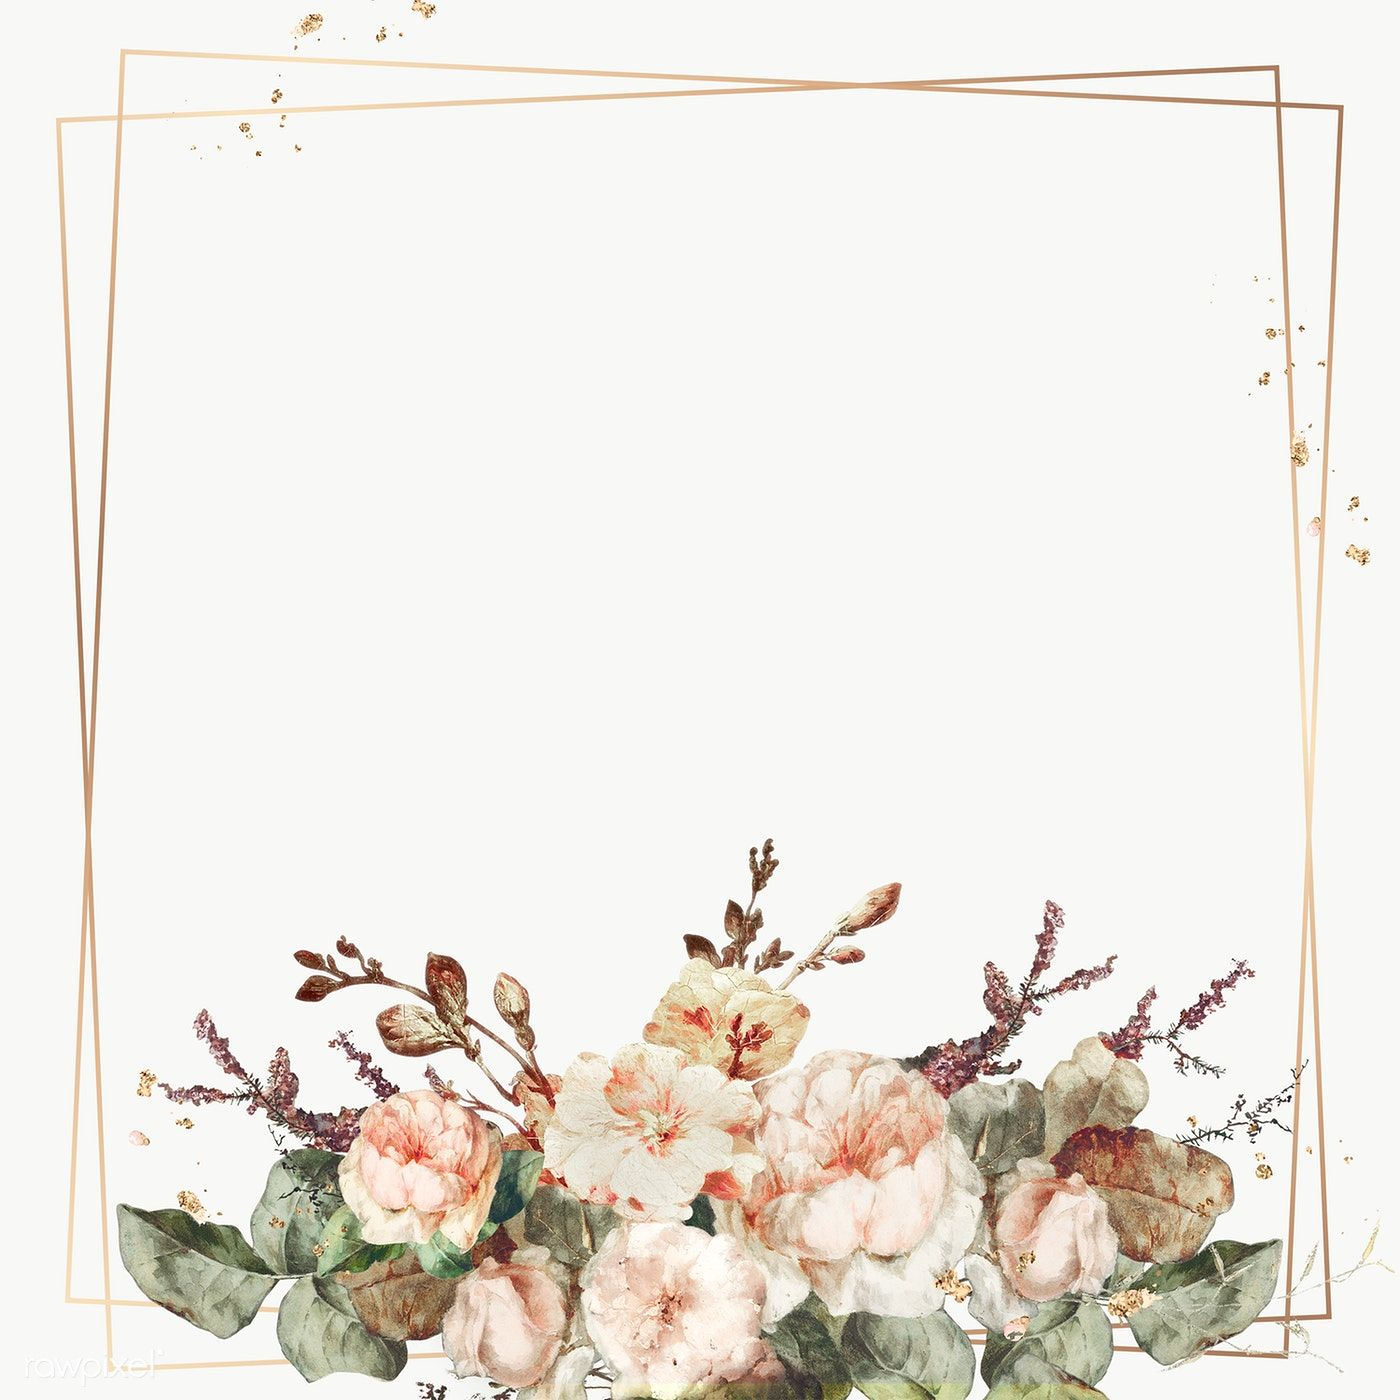 Download Premium Png Of Vintage Floral Frame Illustration Transparent Png In 2020 Flower Illustration Vintage Floral Backgrounds Flower Frame